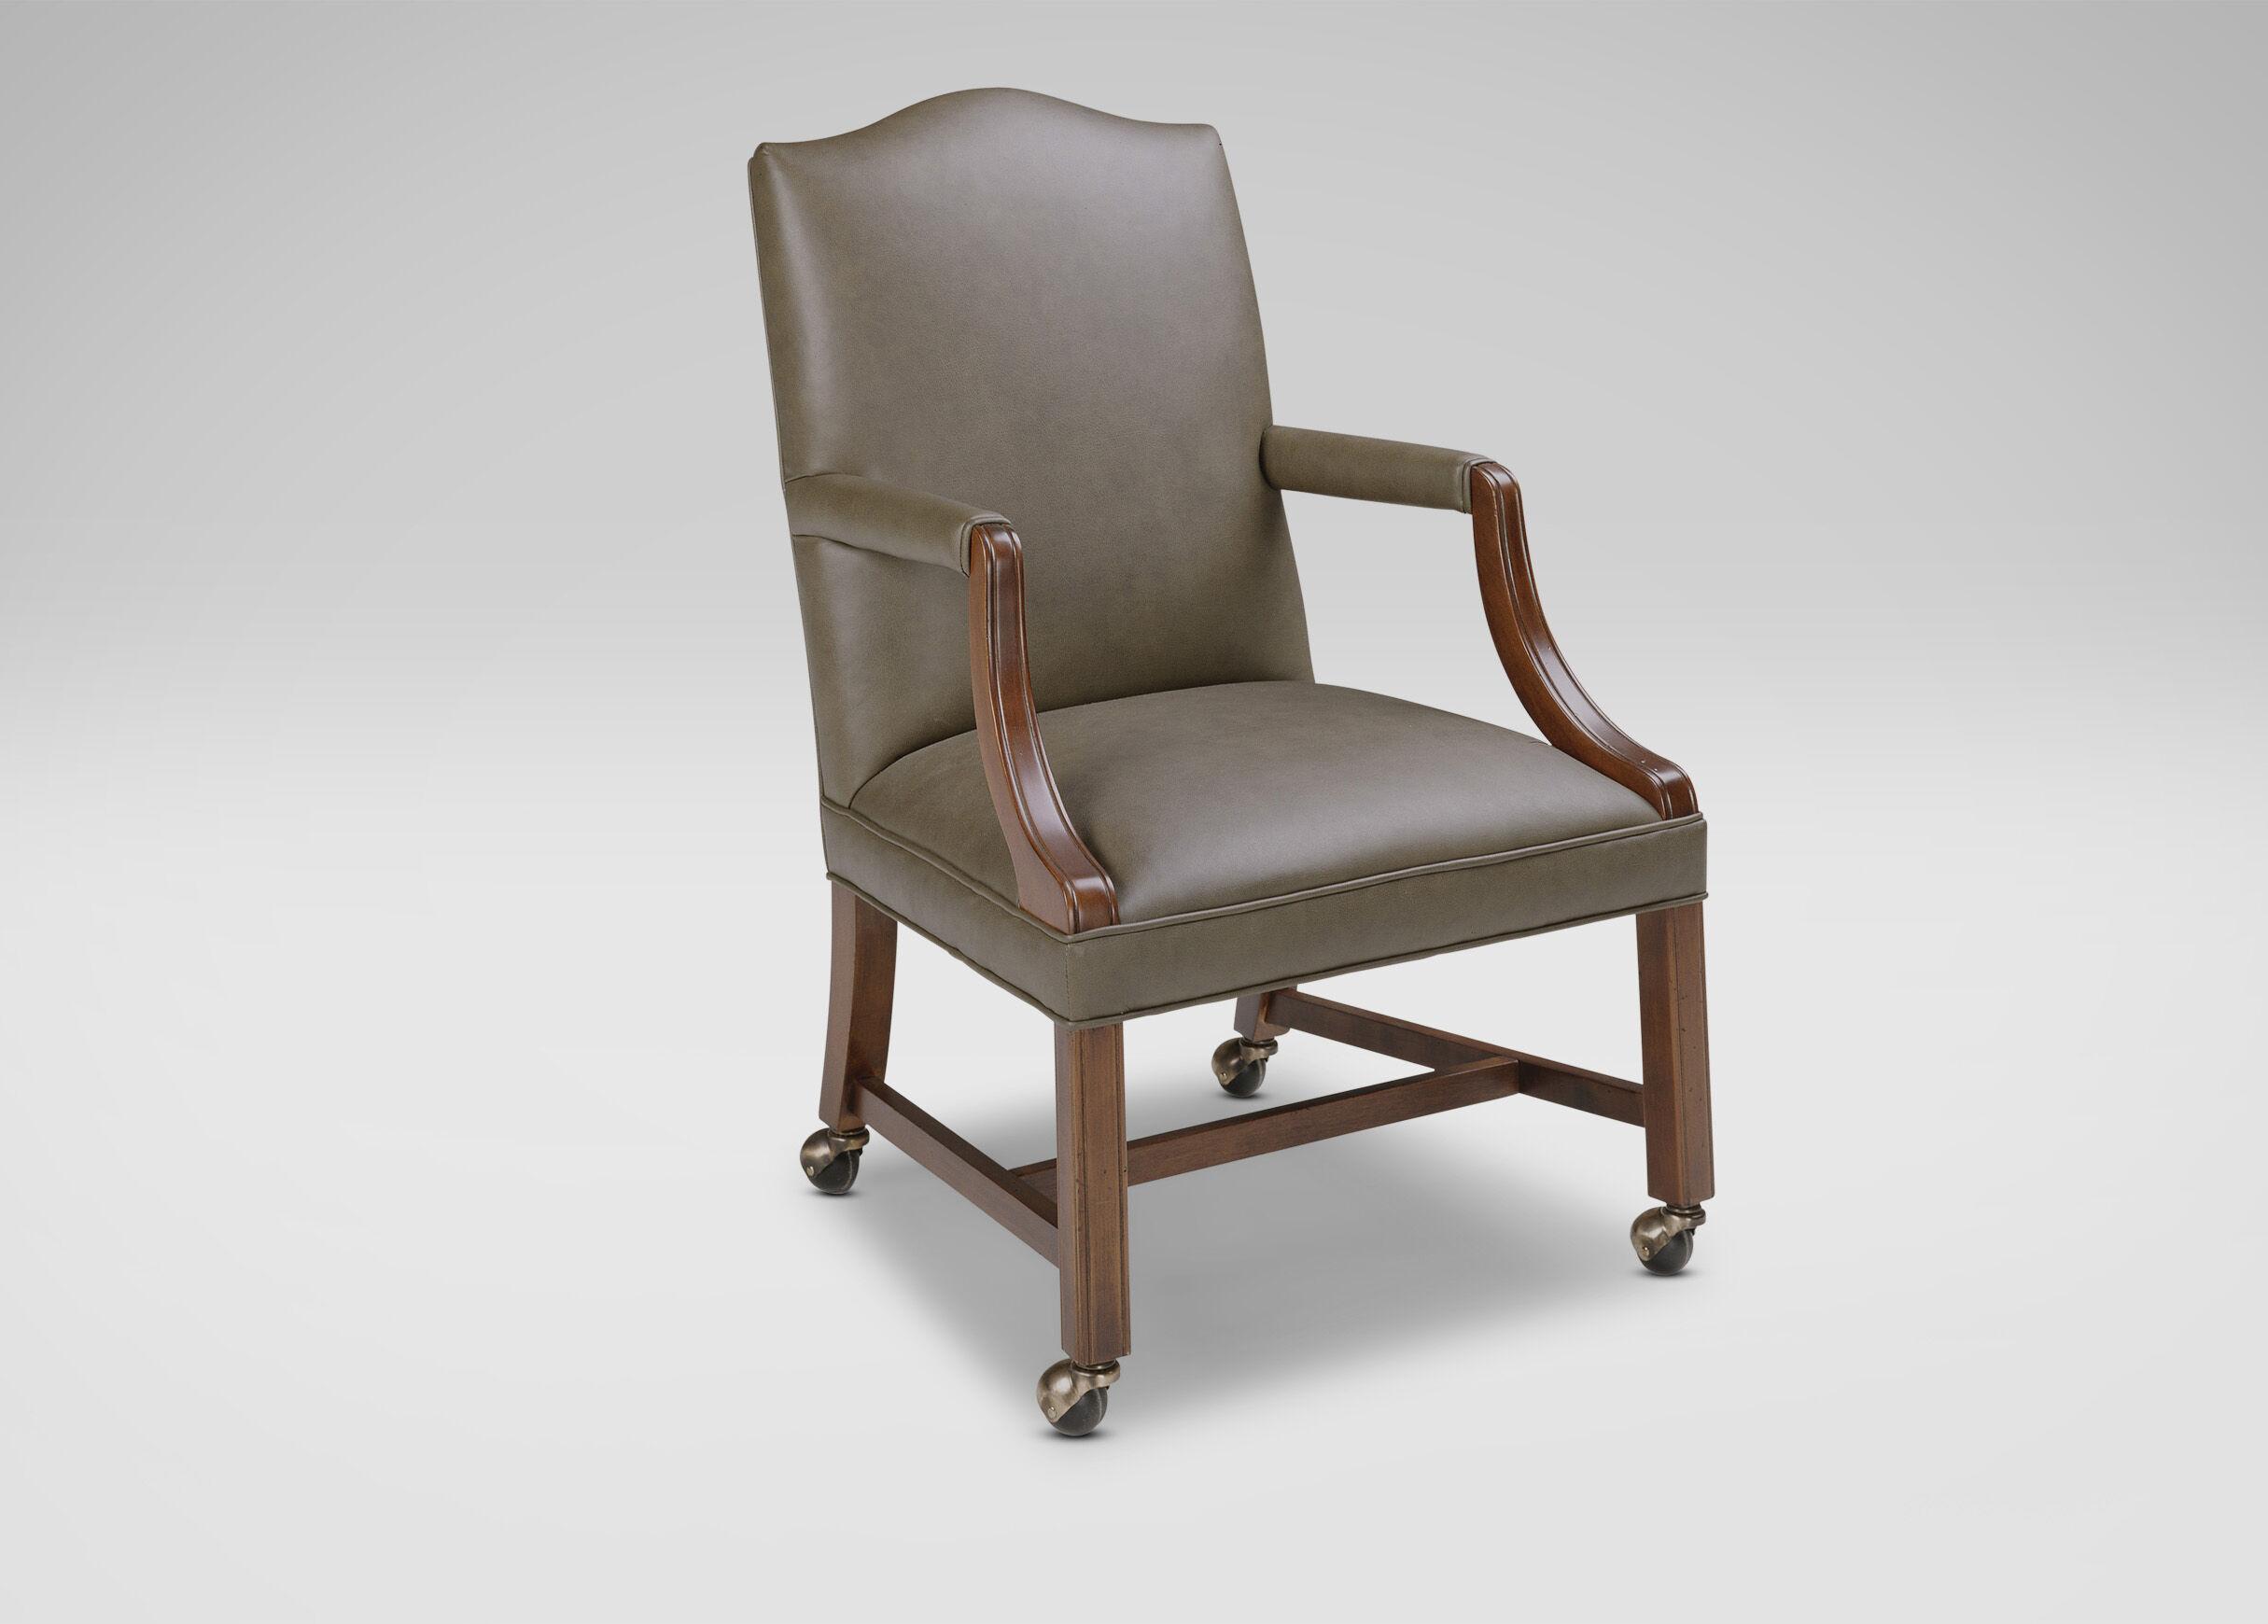 ergonomic chair bd white slipper clarke leather desk ethan allen